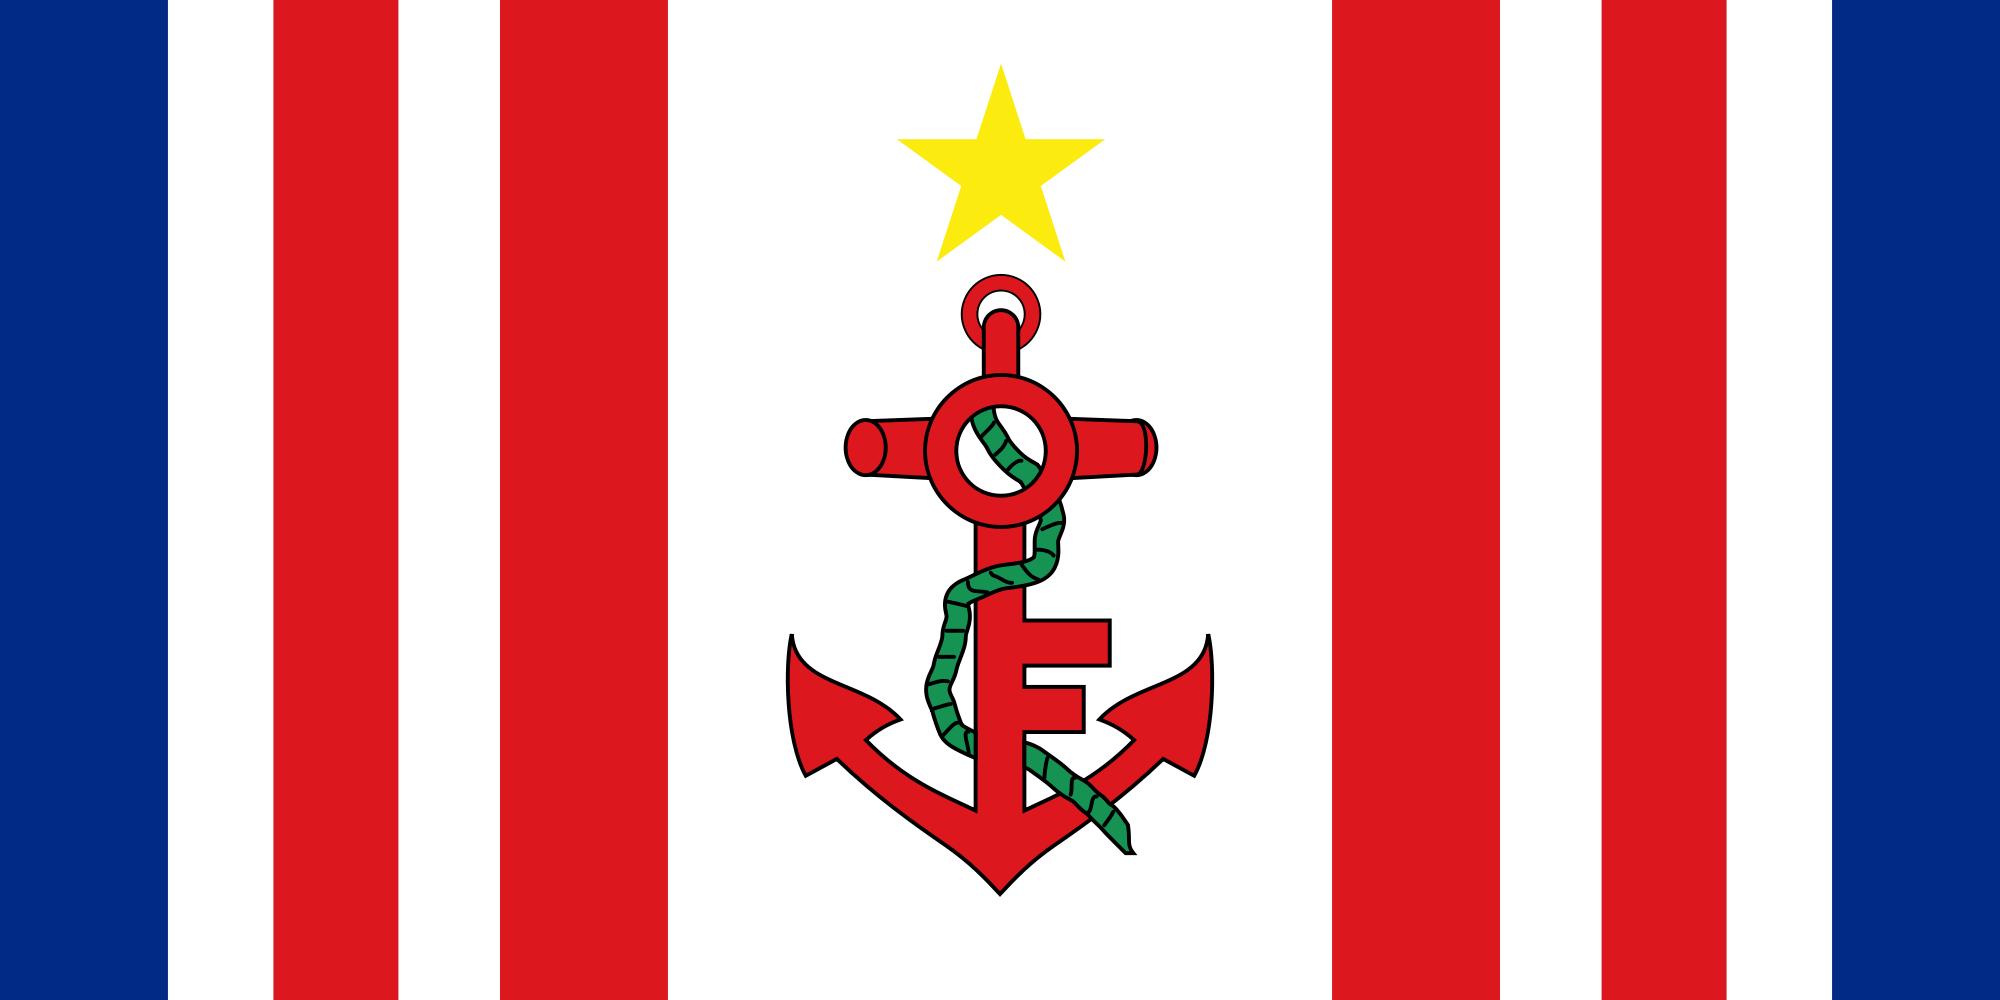 Mauritius (Naval ensign)